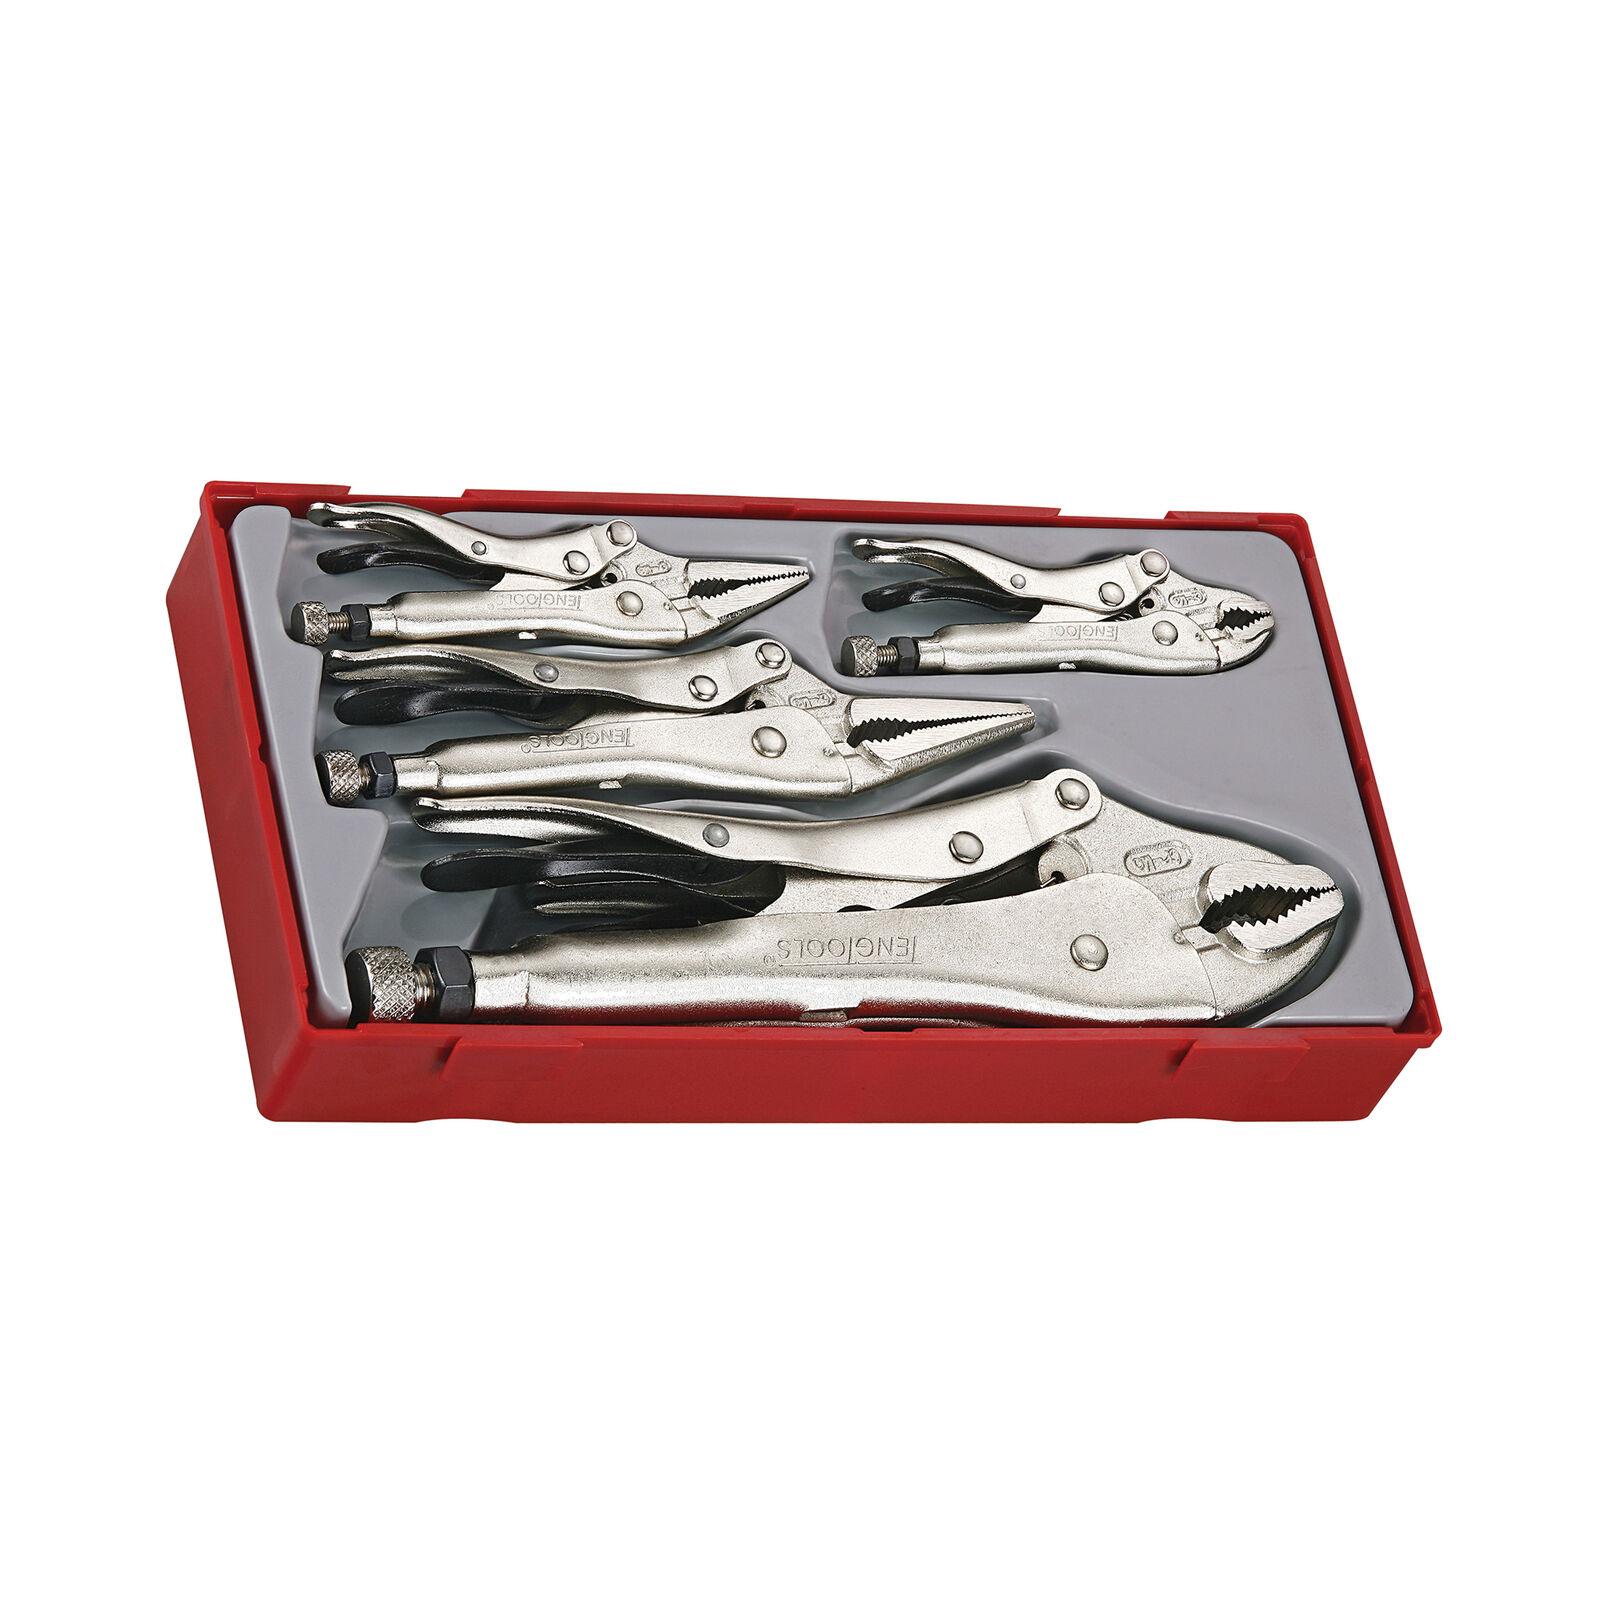 Teng Tools TTVG05 - 5 Piece Power Grip (Vise) Plier Set